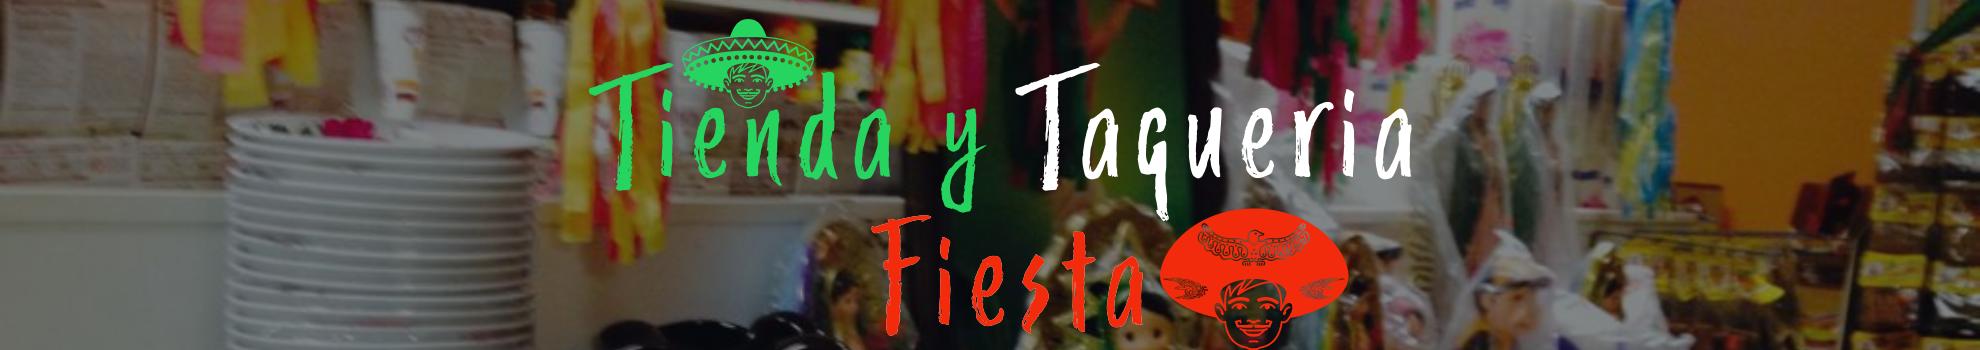 Tienda y Taqueria Fiesta Mexican Restaurant